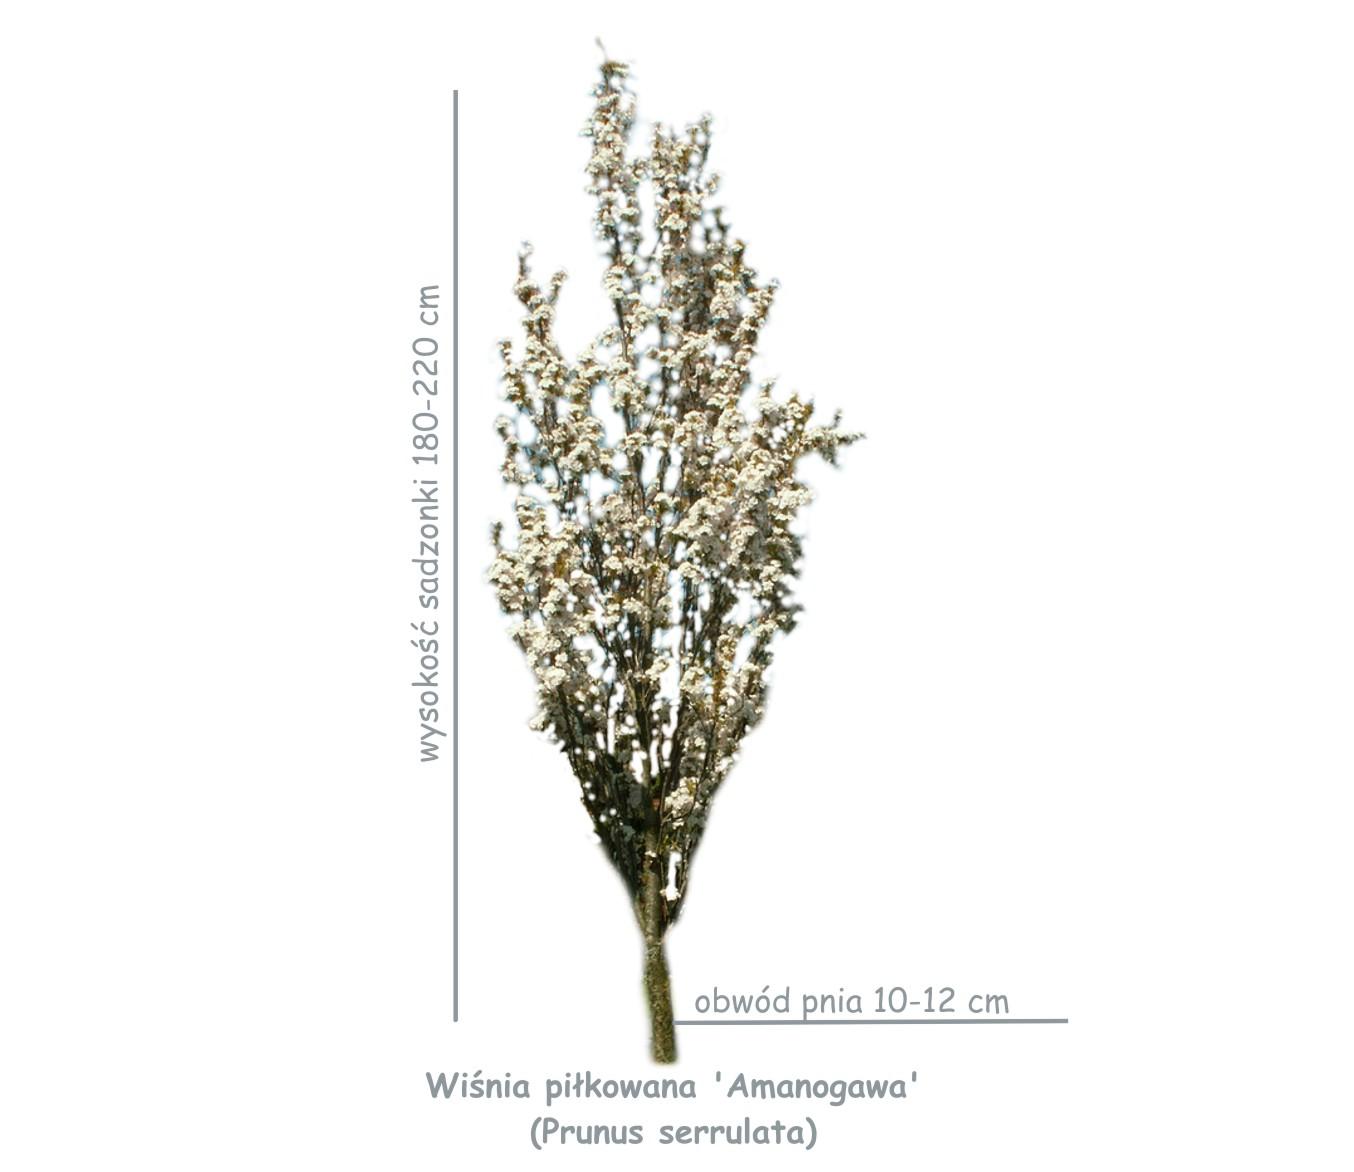 Wiśnia piłkowana 'Amanogawa' (Prunus serrulata) sadzonka o obwodzie pnia 10-12 cm